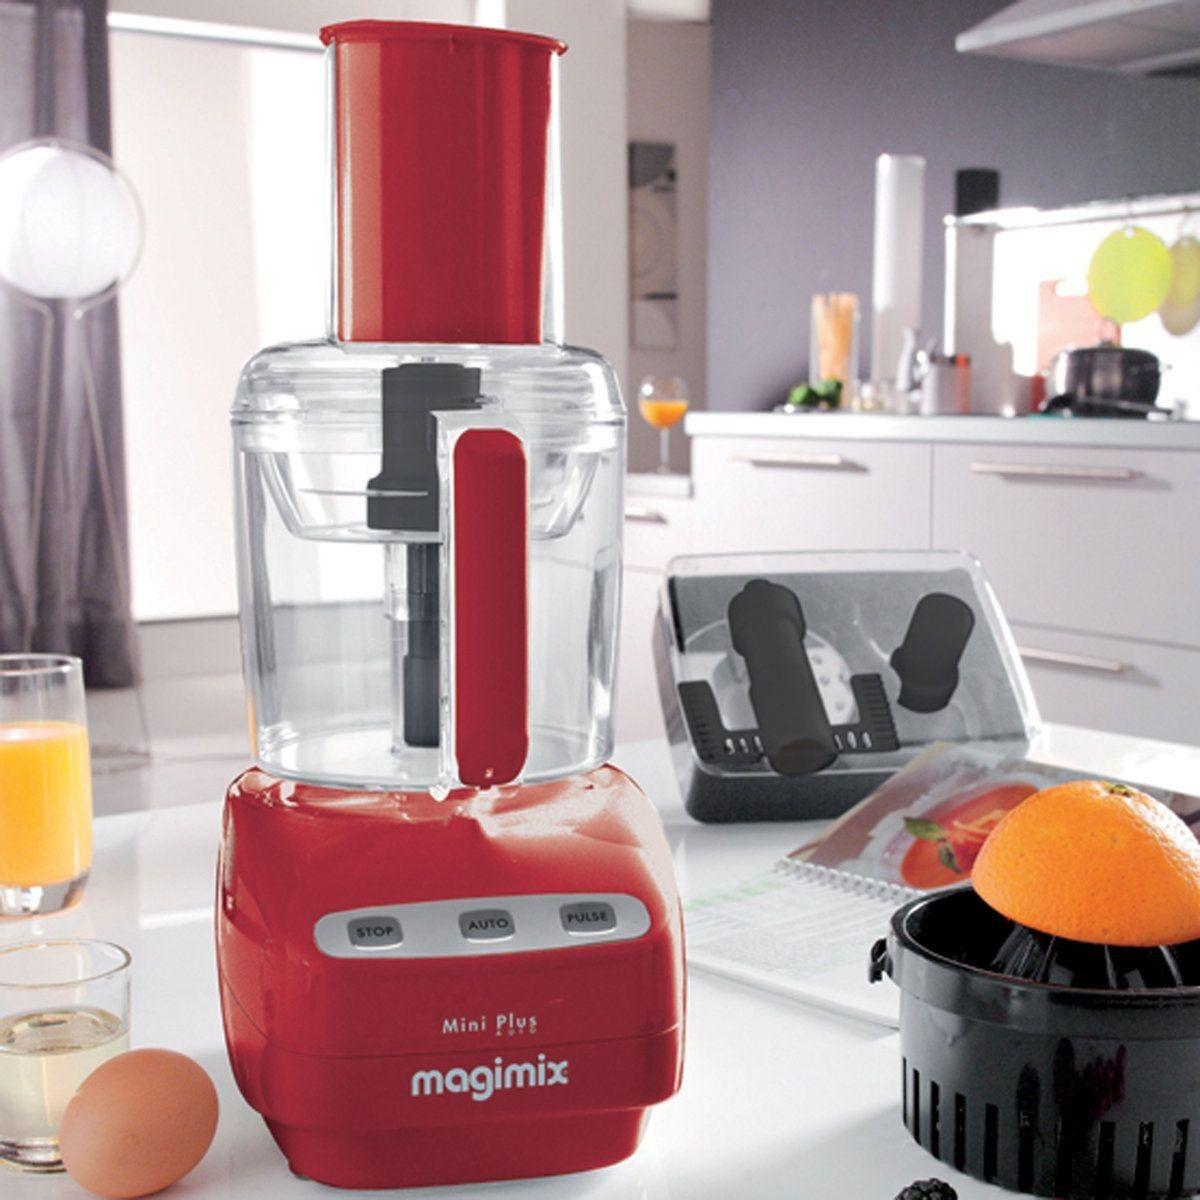 Magimix Food Processor Recipes Kitchen Gizmos